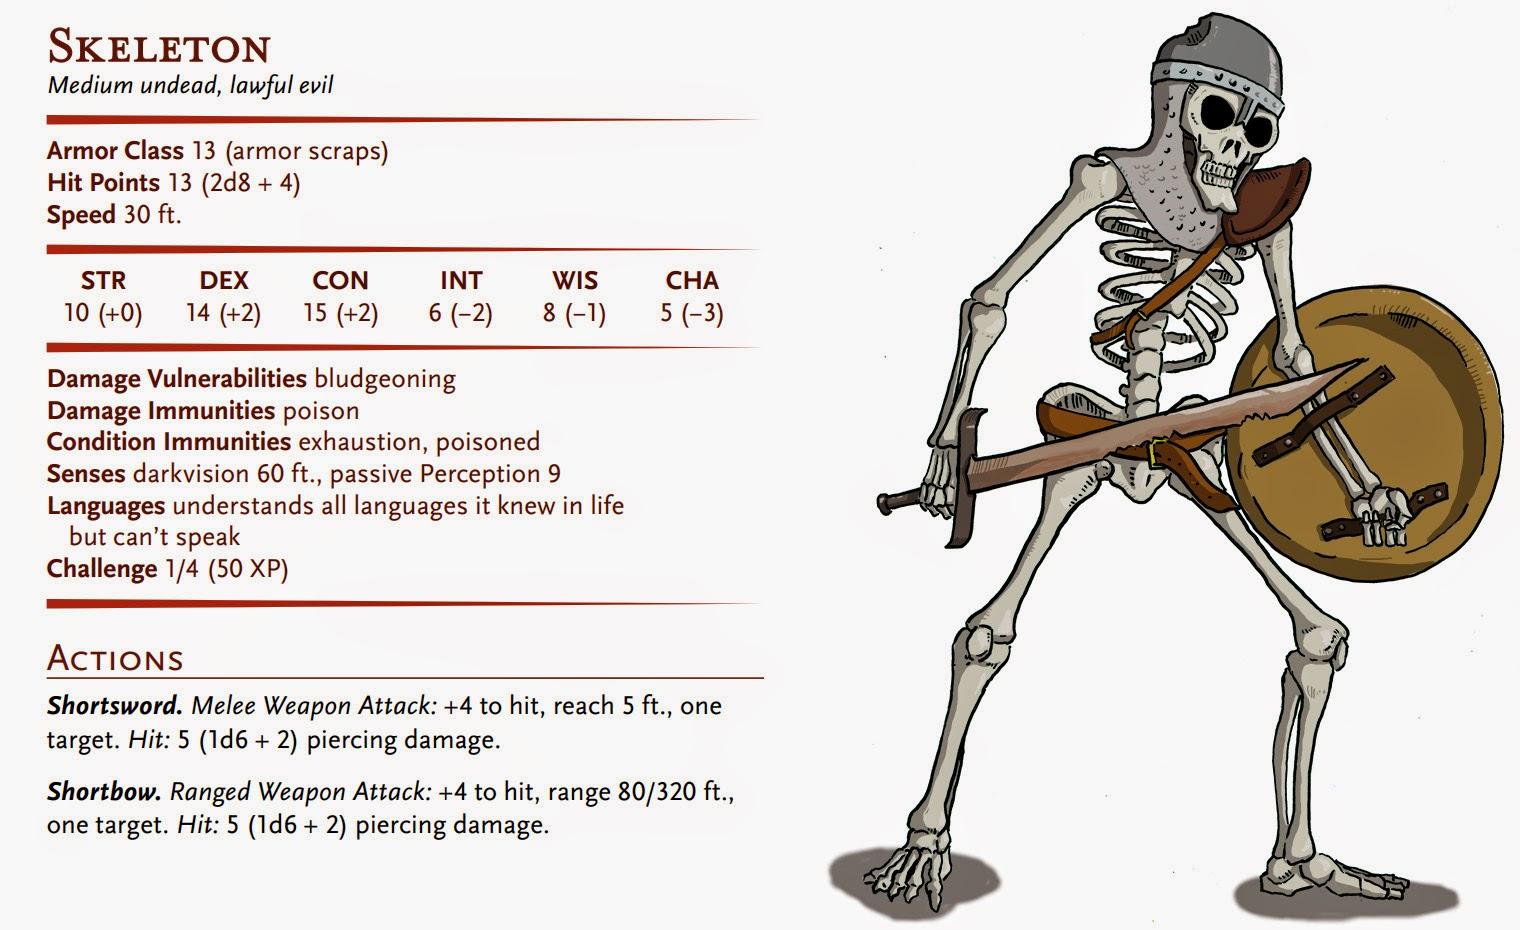 skeleton_stat_card.jpg